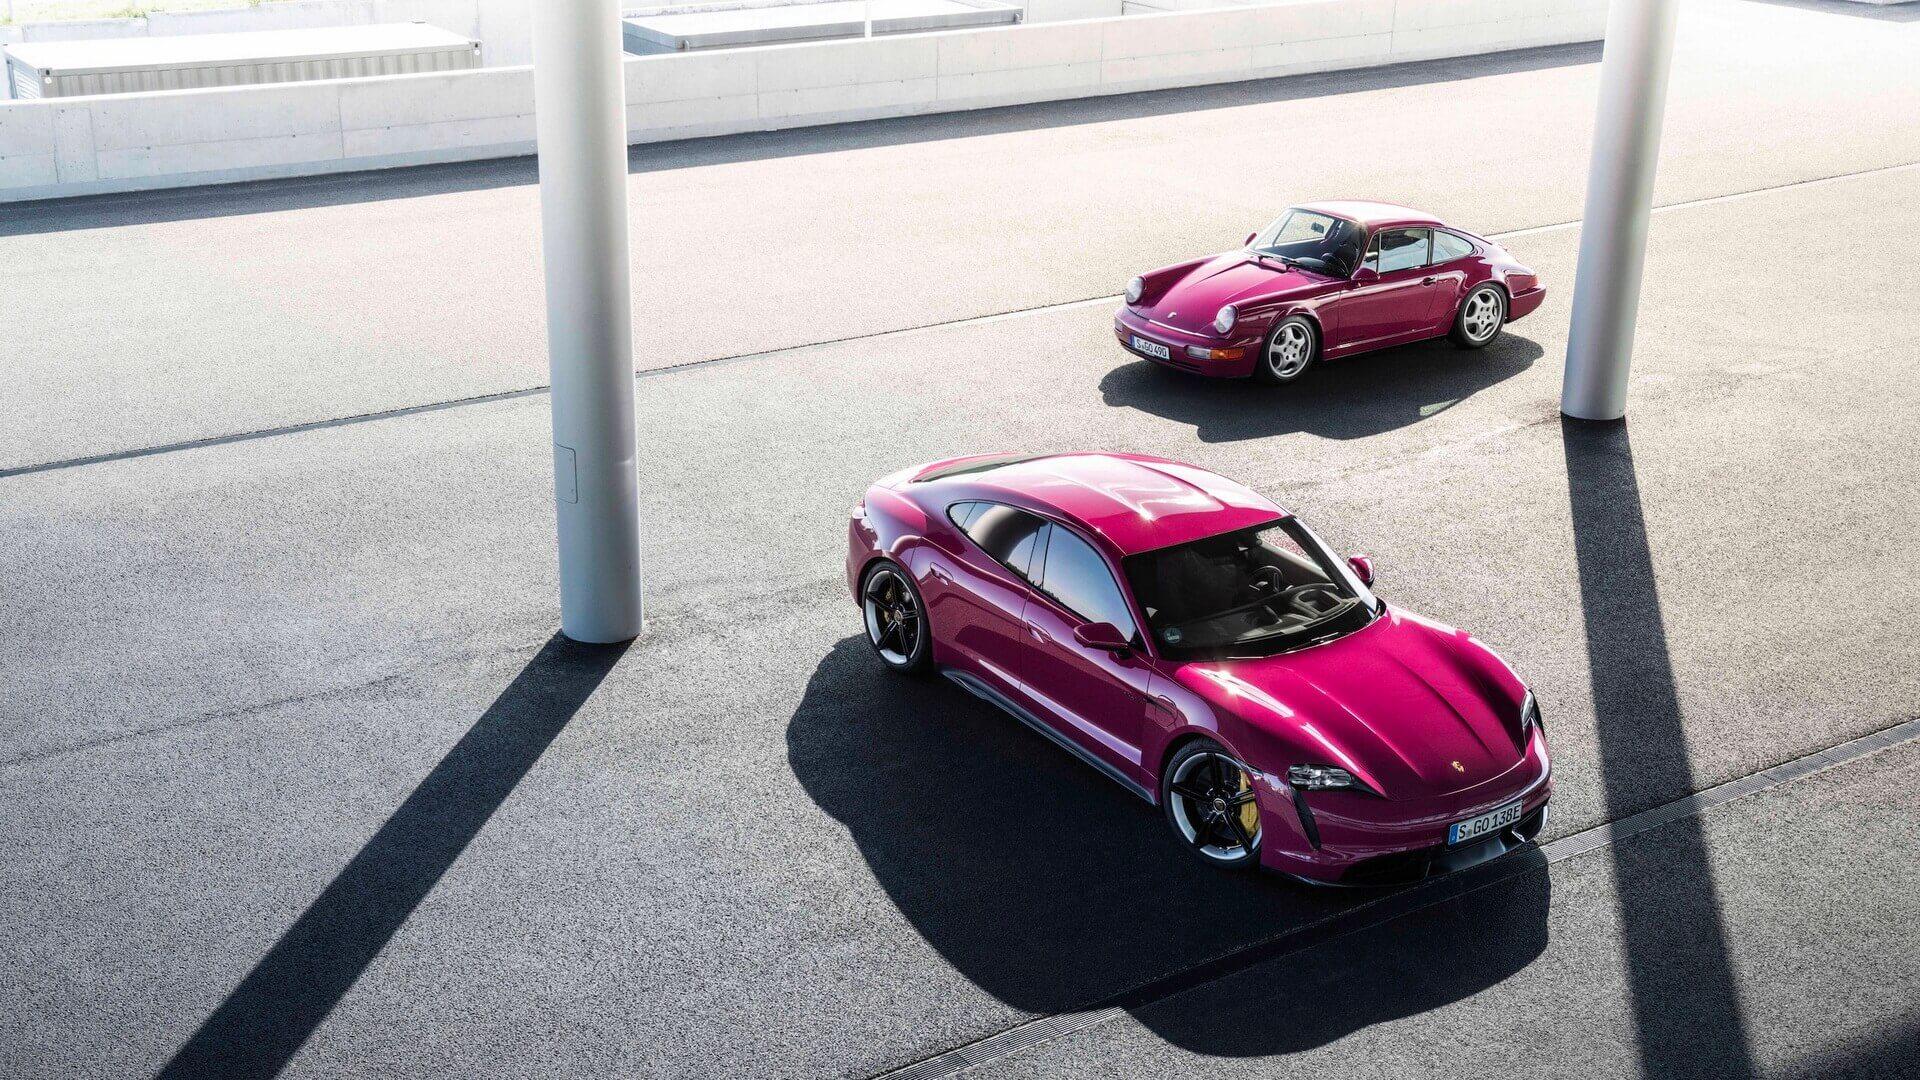 Porsche внесла некоторые изменения в Taycan и Taycan Cross Turismo для нового модельного года